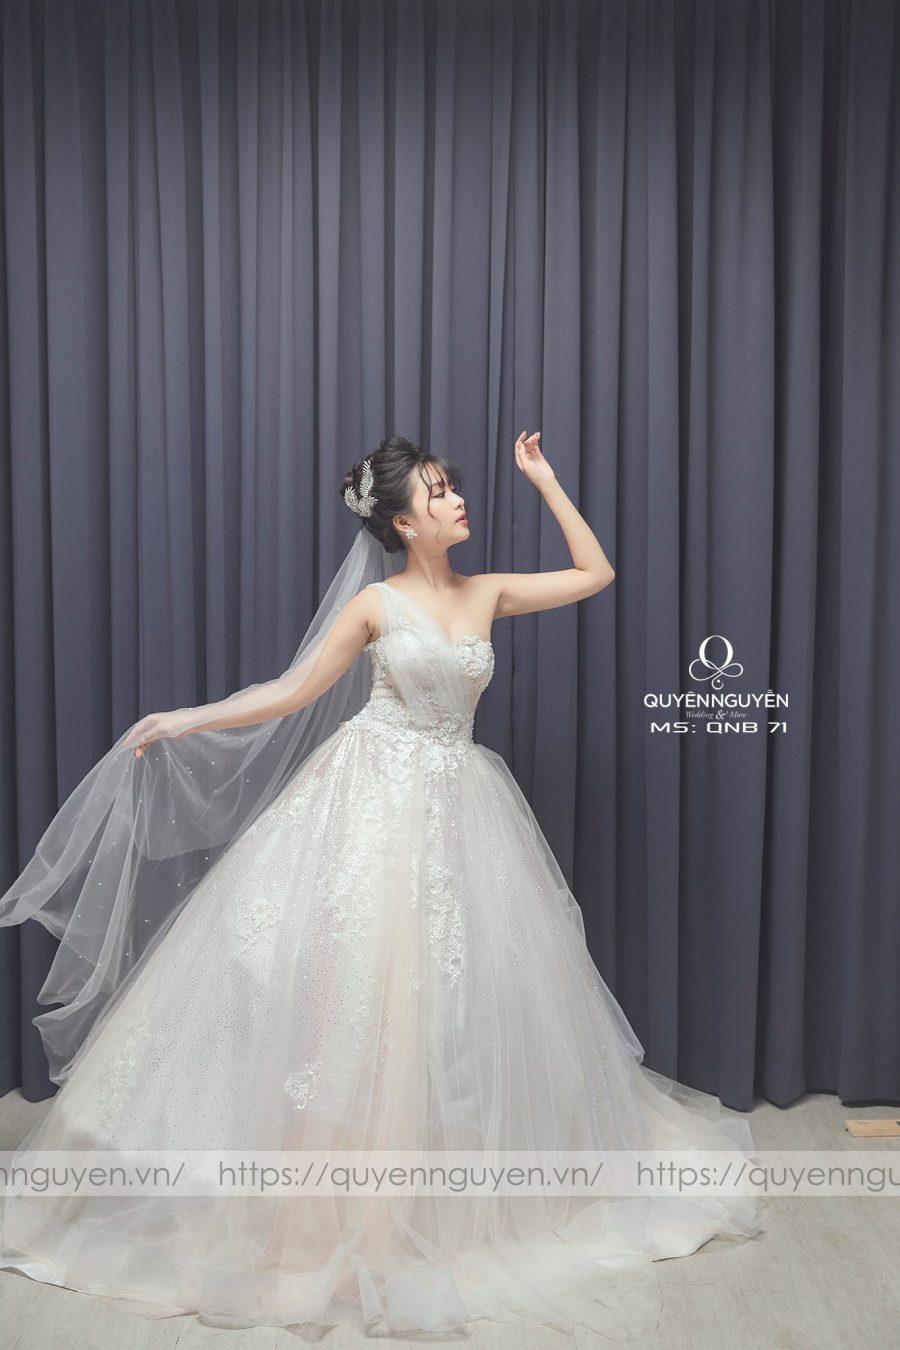 8 mẫu váy cưới công chúa lộng lẫy, sang trọng cho cô dâu